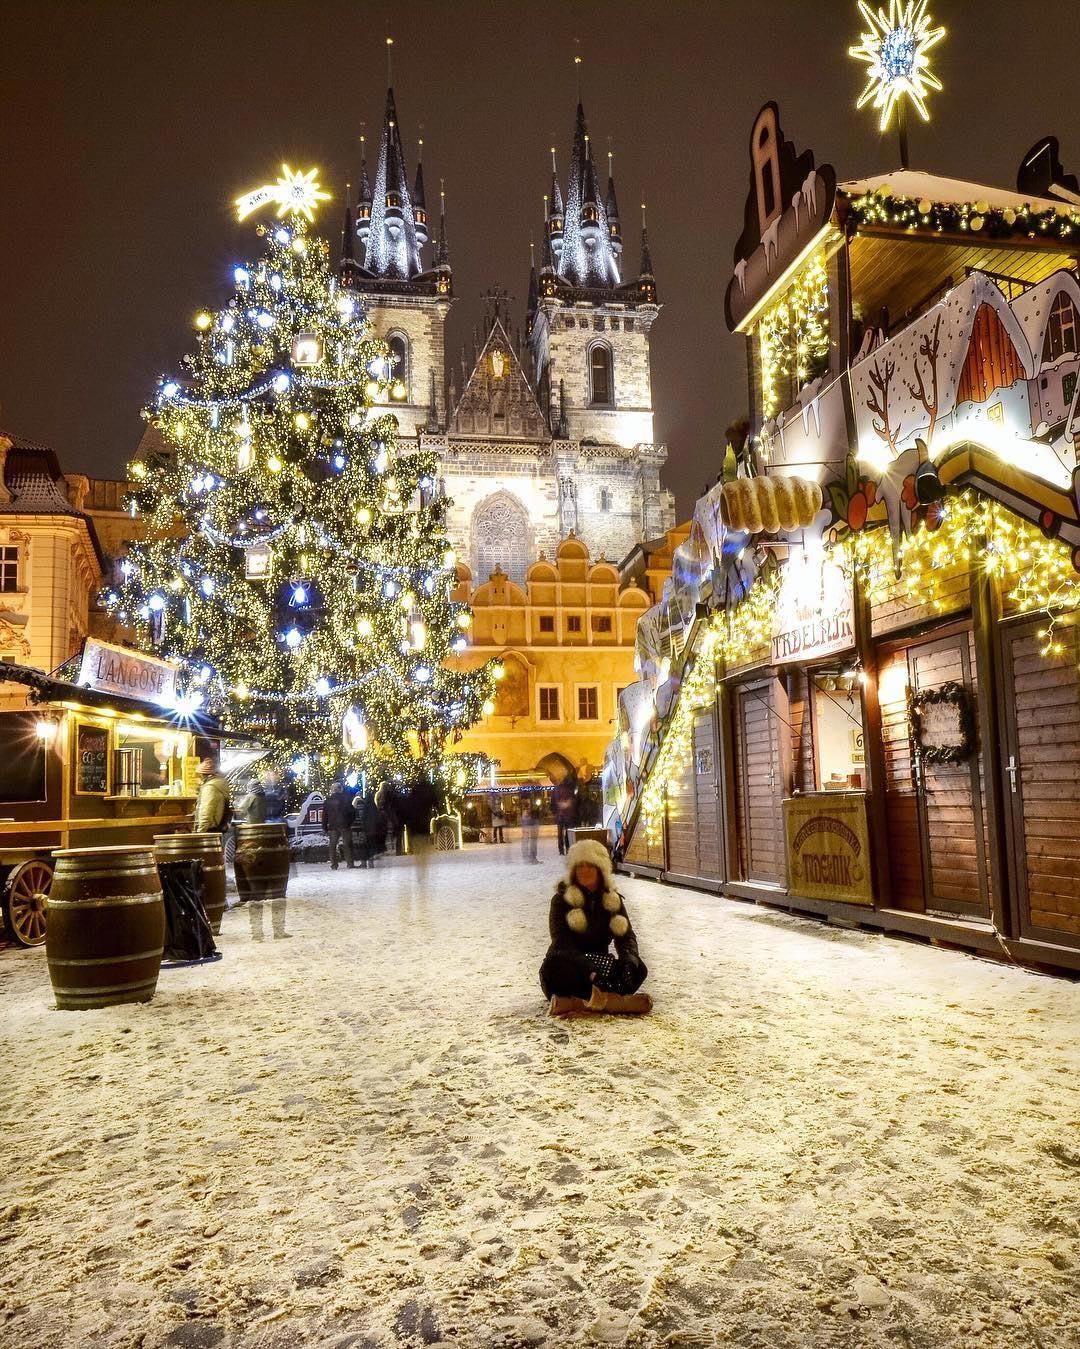 Η Πράγα μεταμορφώνεται σε μια χειμερινή παραμυθούπολη αυτή την εποχή του χρόνου | Φωτογραφία της ημέρας